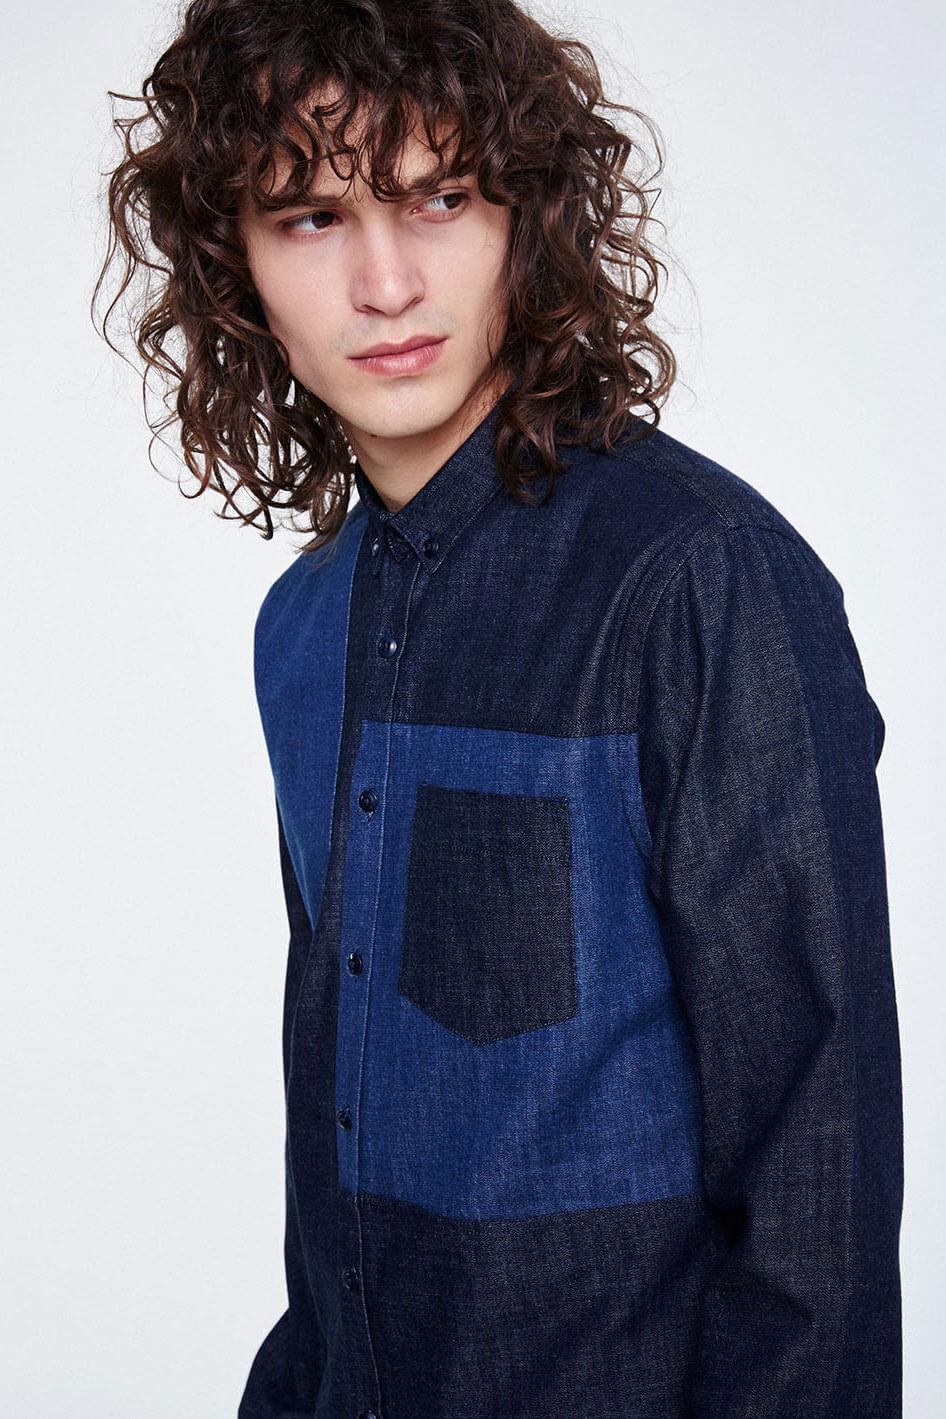 Denimhemd Raik Blau from LOVECO